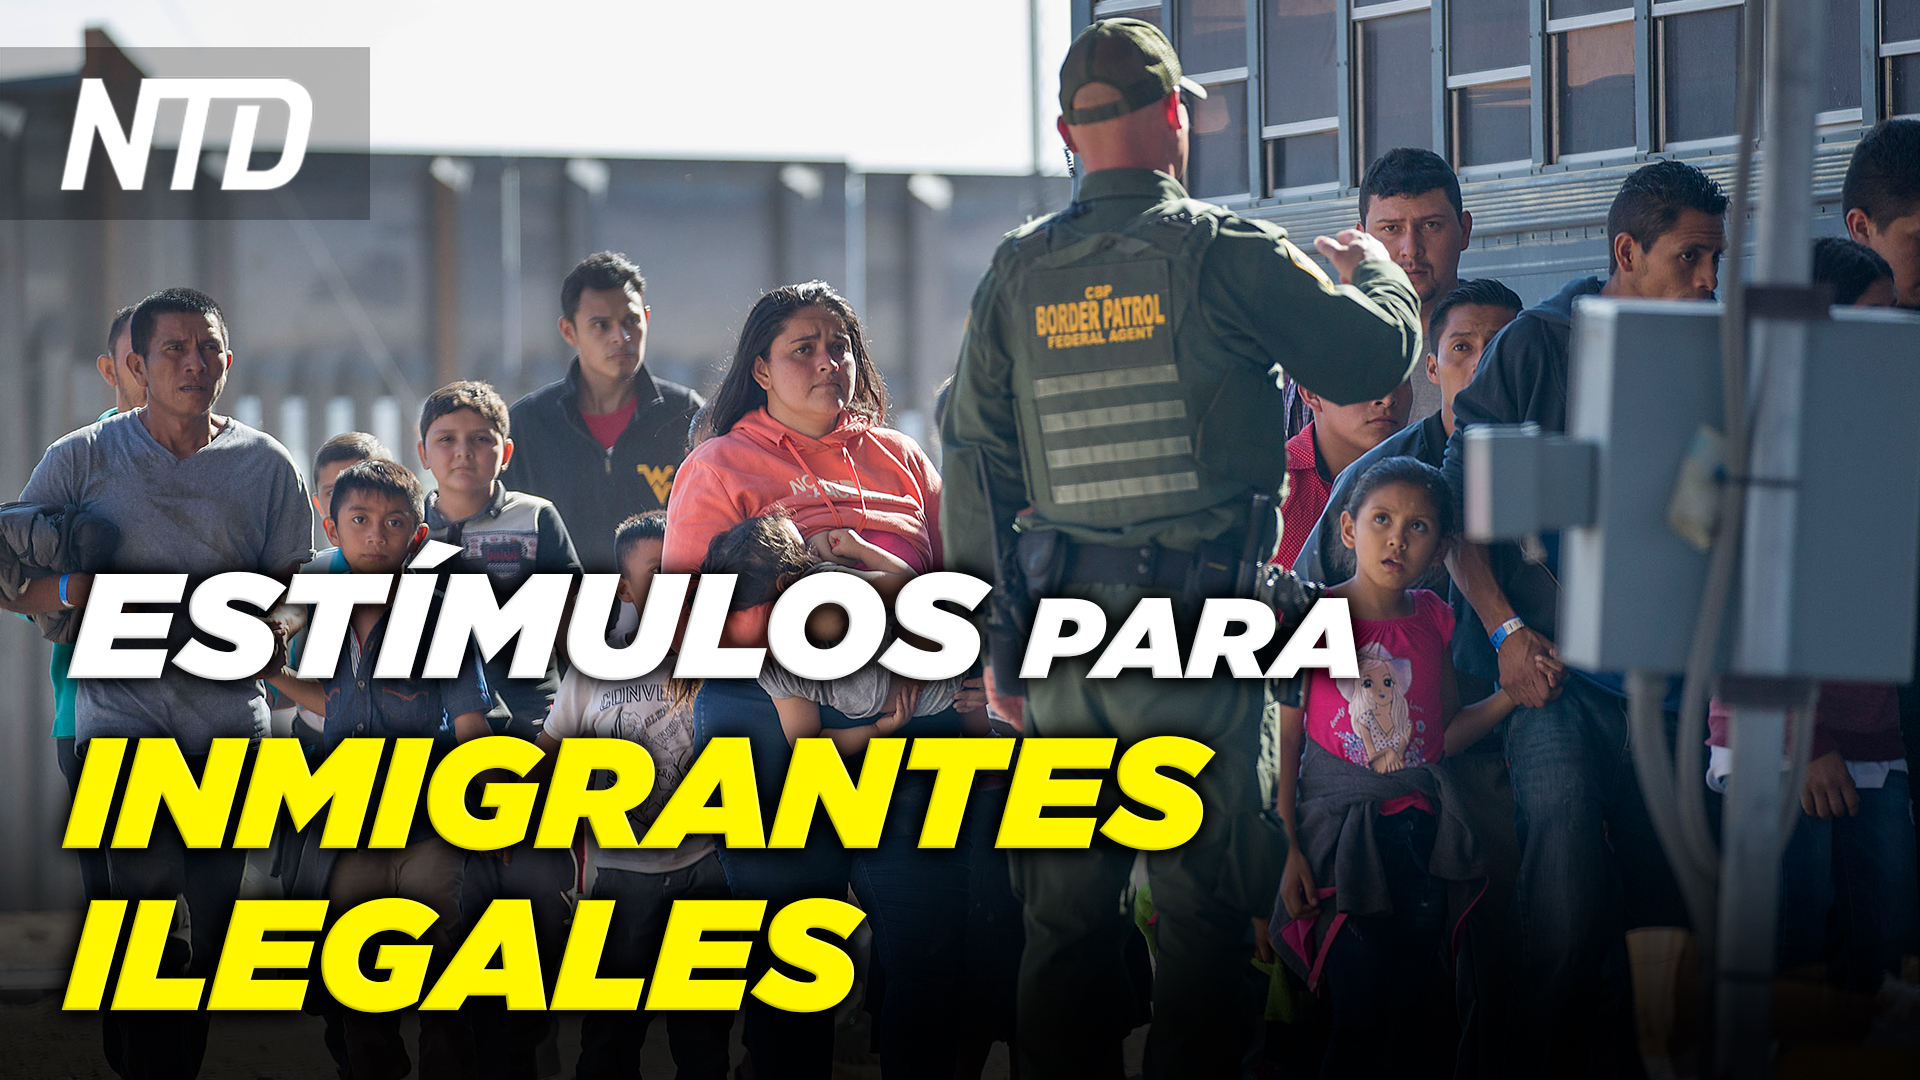 NTD Noticias: Más de $ 4000 millones de estímulo se destinarán a inmigrantes, Cubanos envían mensaje a Biden